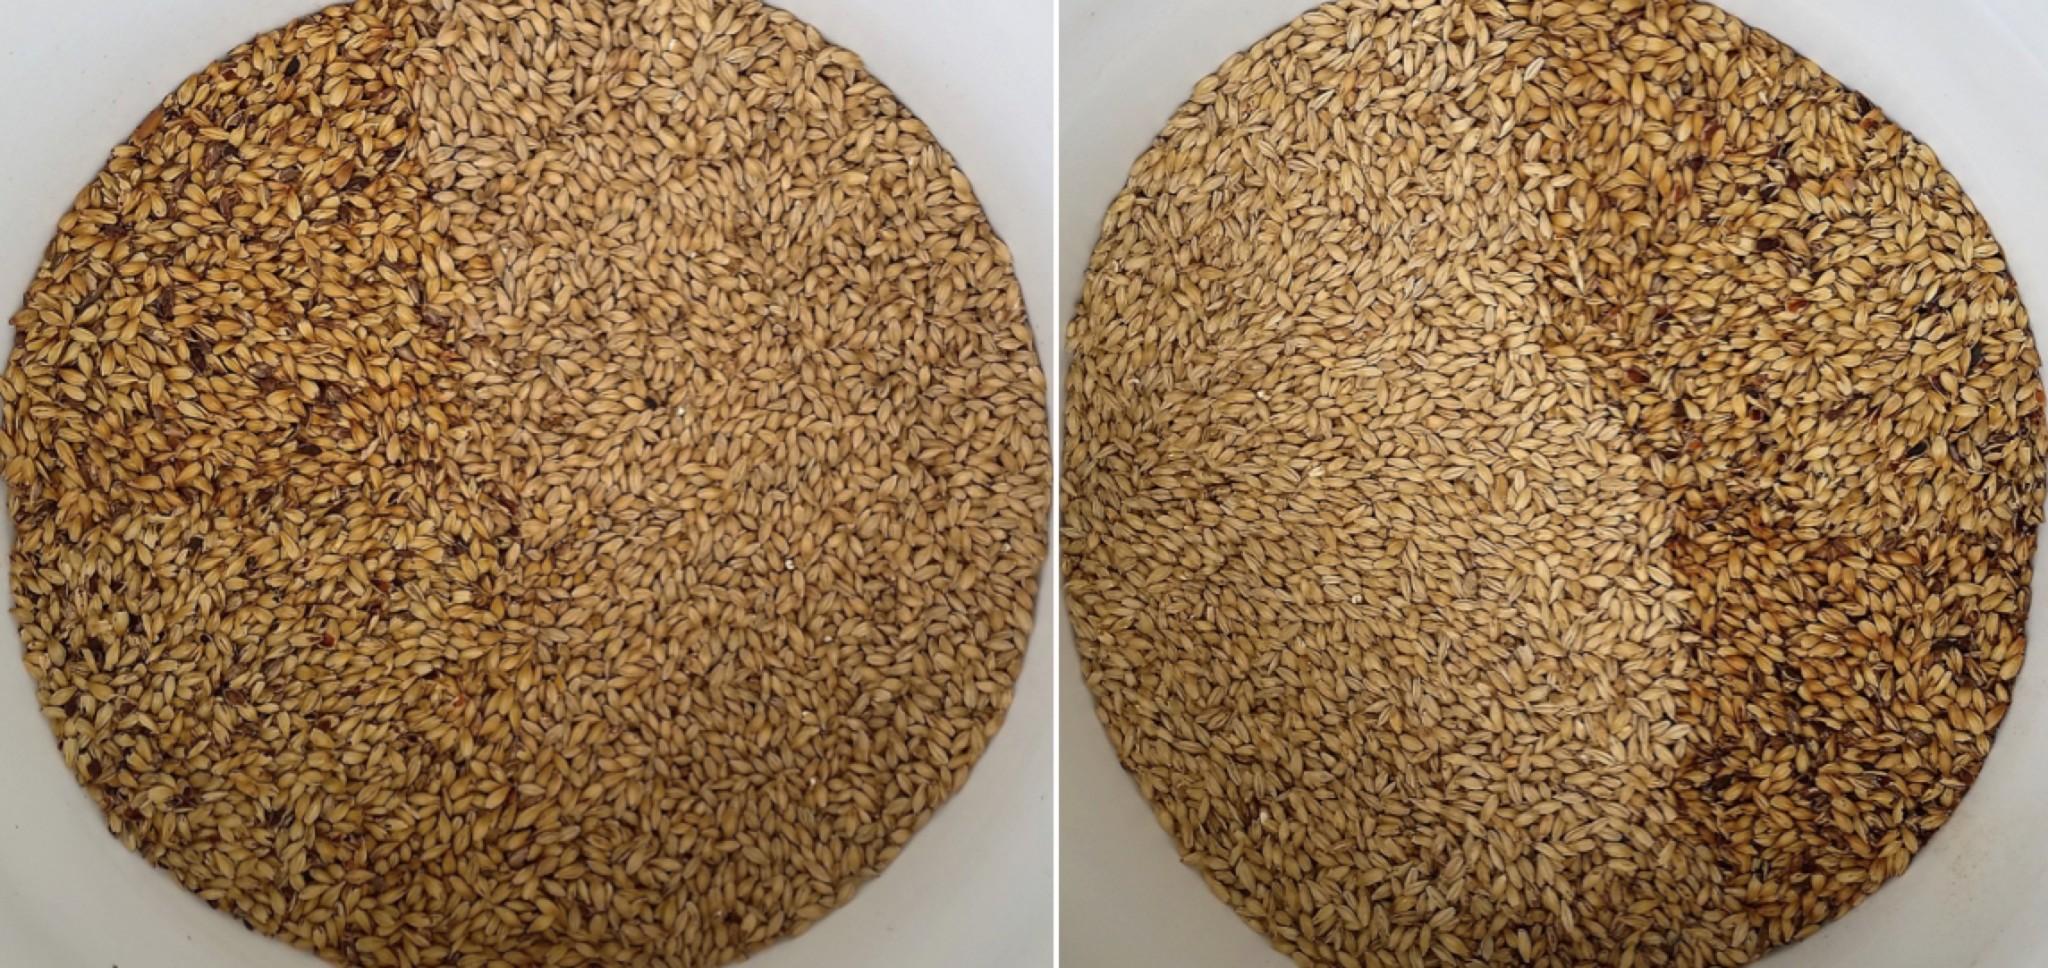 grain comparison maris otter vs domestic us 2 row exbeeriment